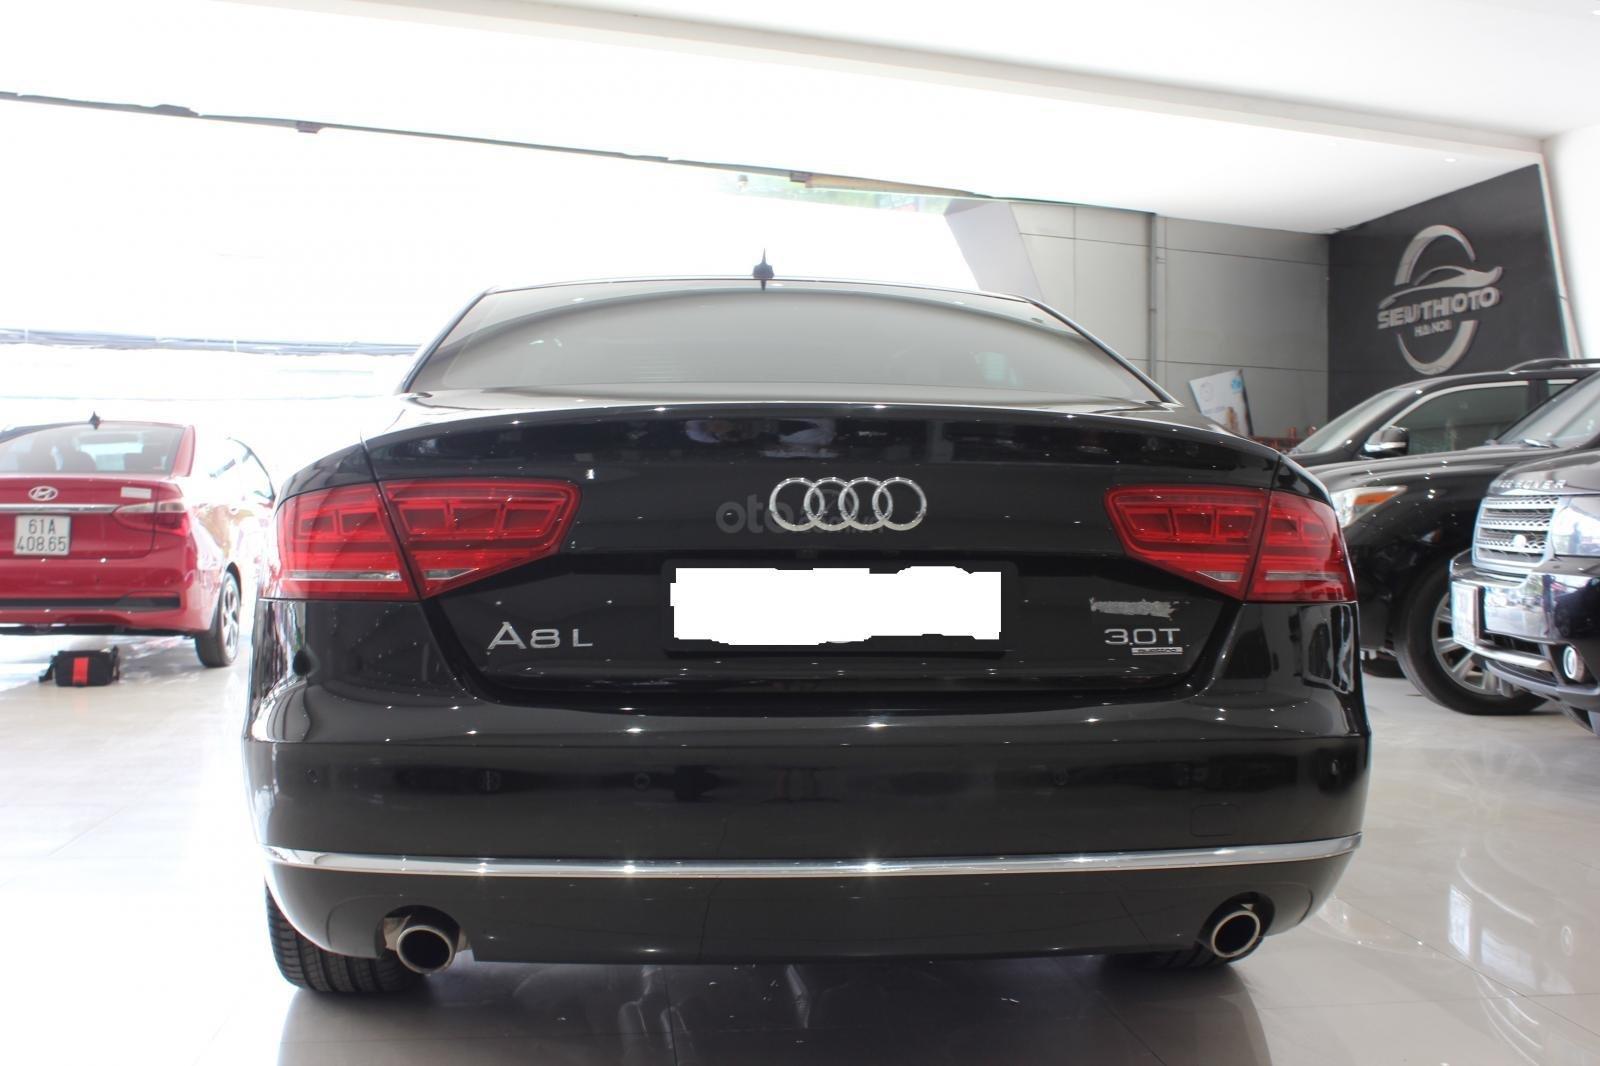 Bán xe Audi A8L date 2011, màu đen, giá 1tỷ 750tr-2